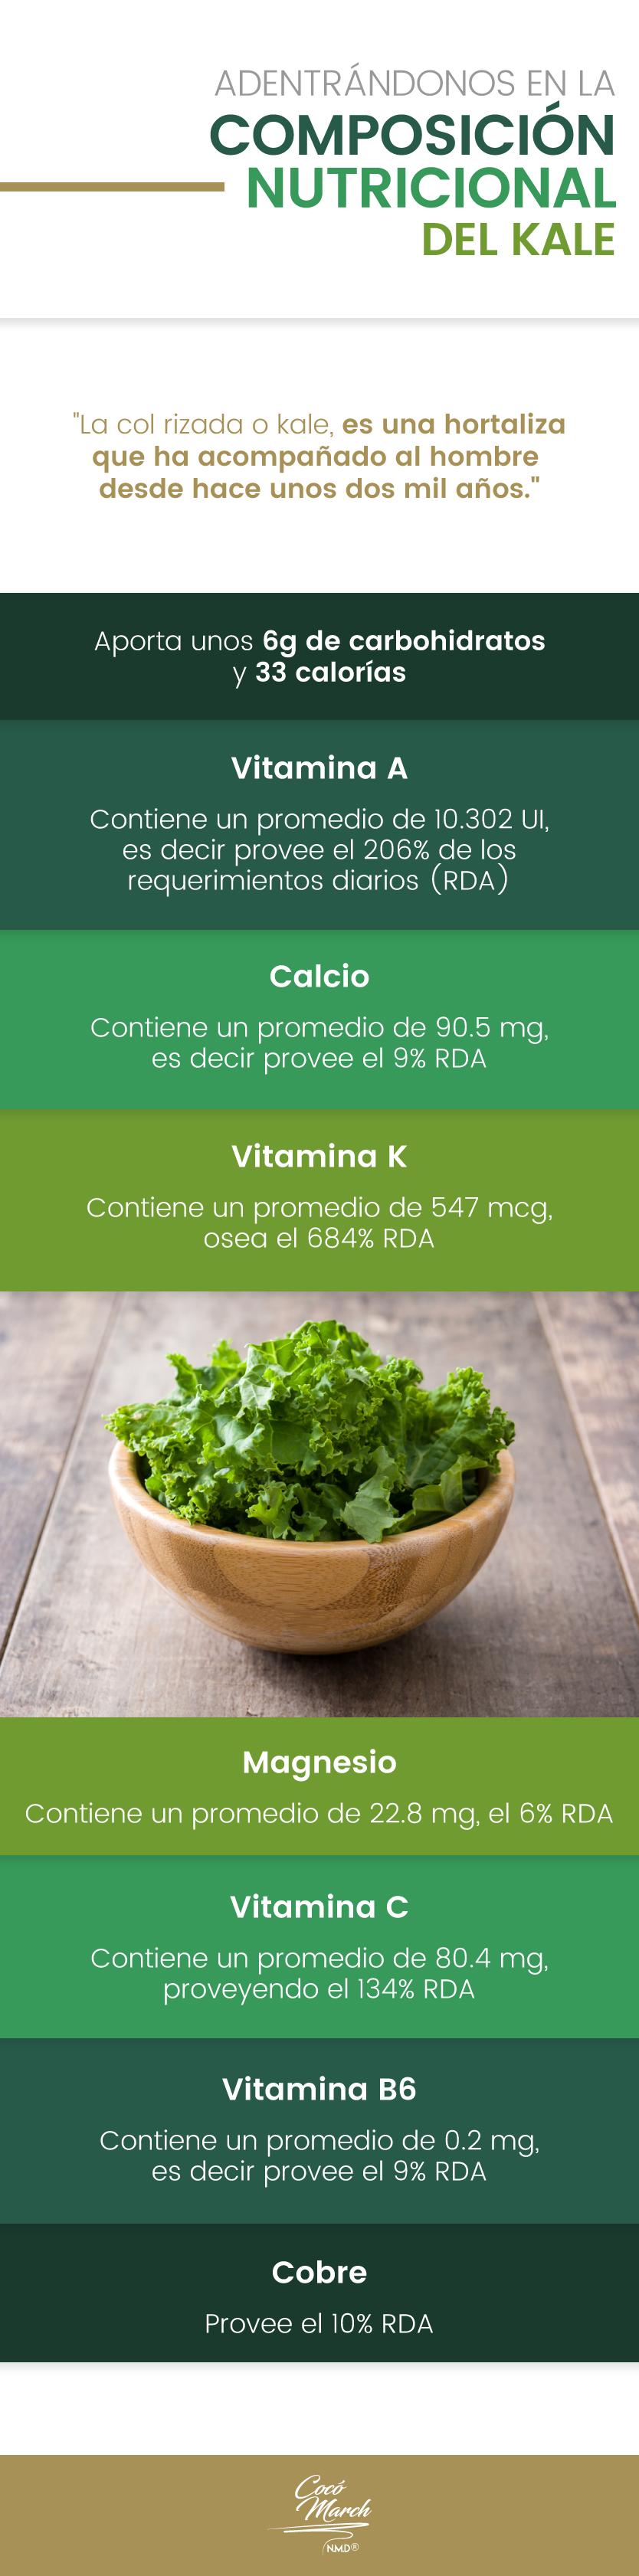 composicion-nutricional-del-kale